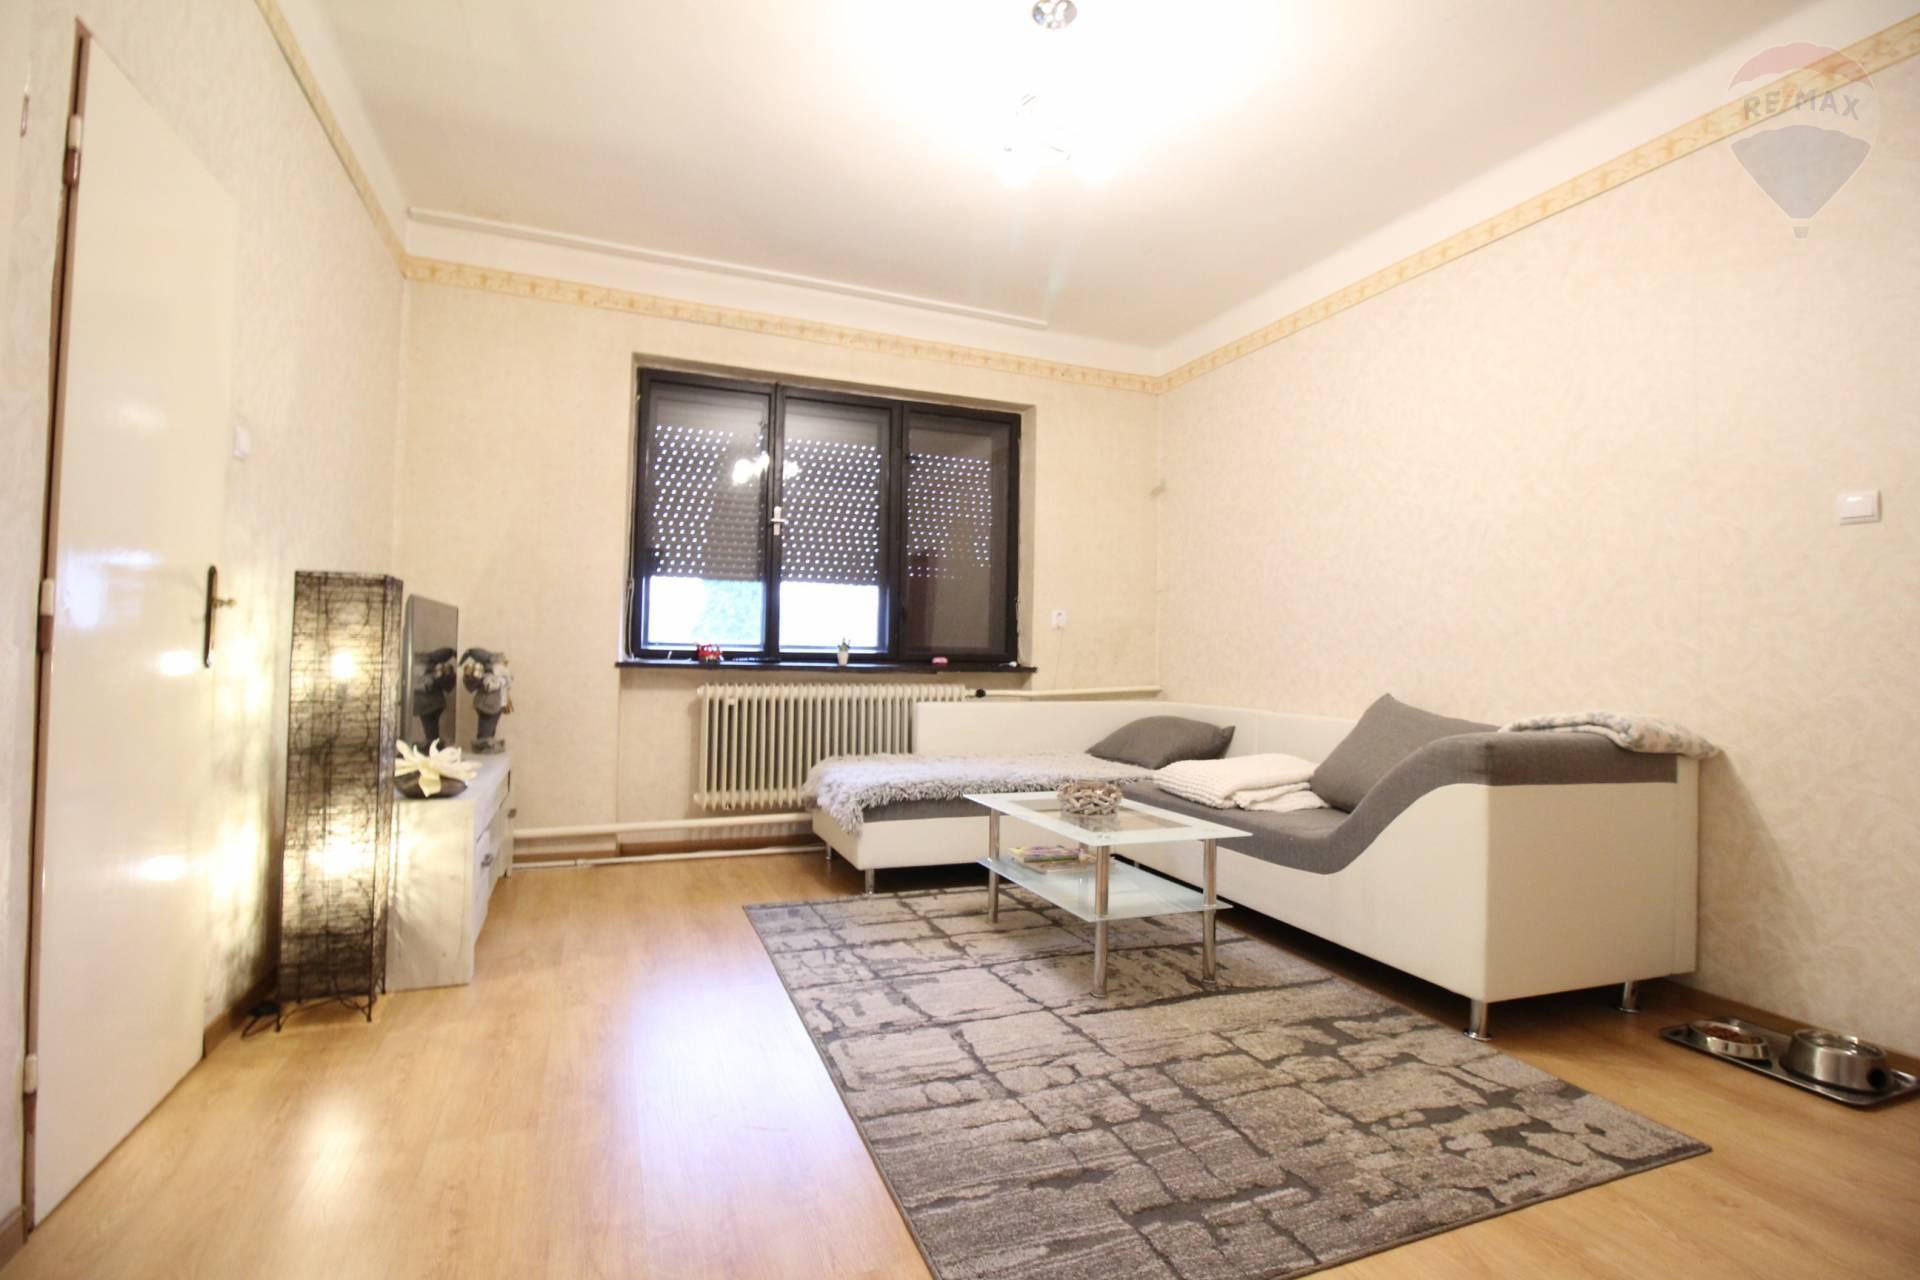 Predaj: Gabčíkovo , 4 izbový rodinný dom, kľudná ulica, okres Dunajská Streda